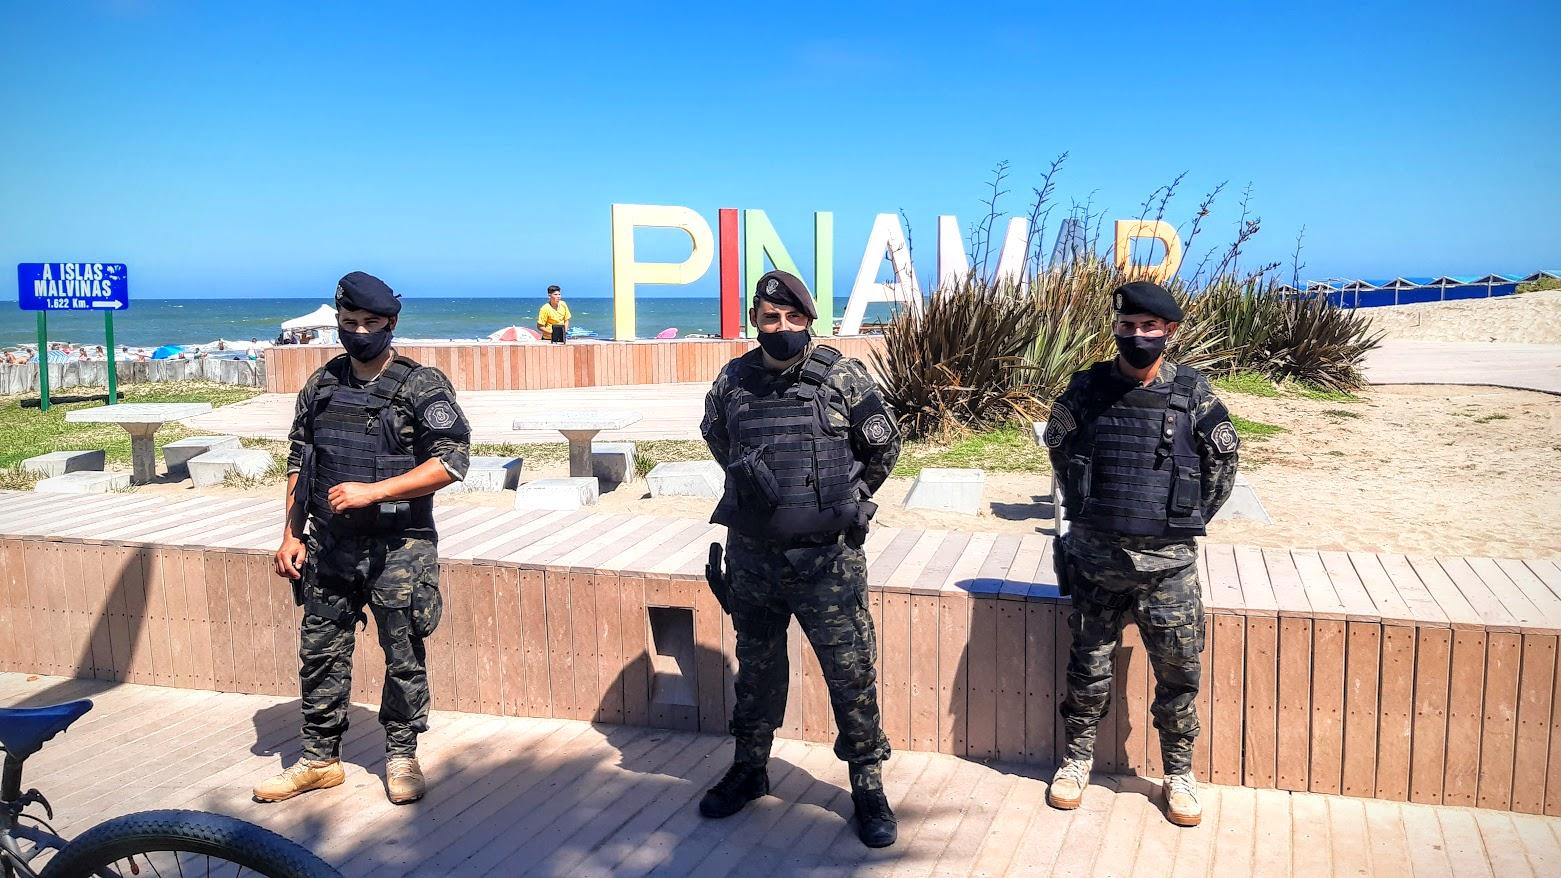 Peronal de la UTOI controla la clasica esquina de Bunge y Playa, bolsos, heladeras y mochilas todos son controlados